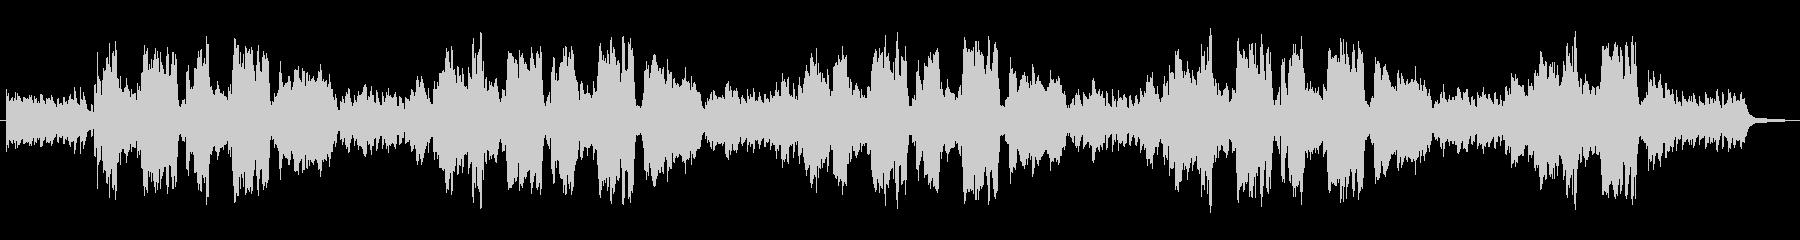 生演奏リコーダーとピアノの爽やかなBGMの未再生の波形